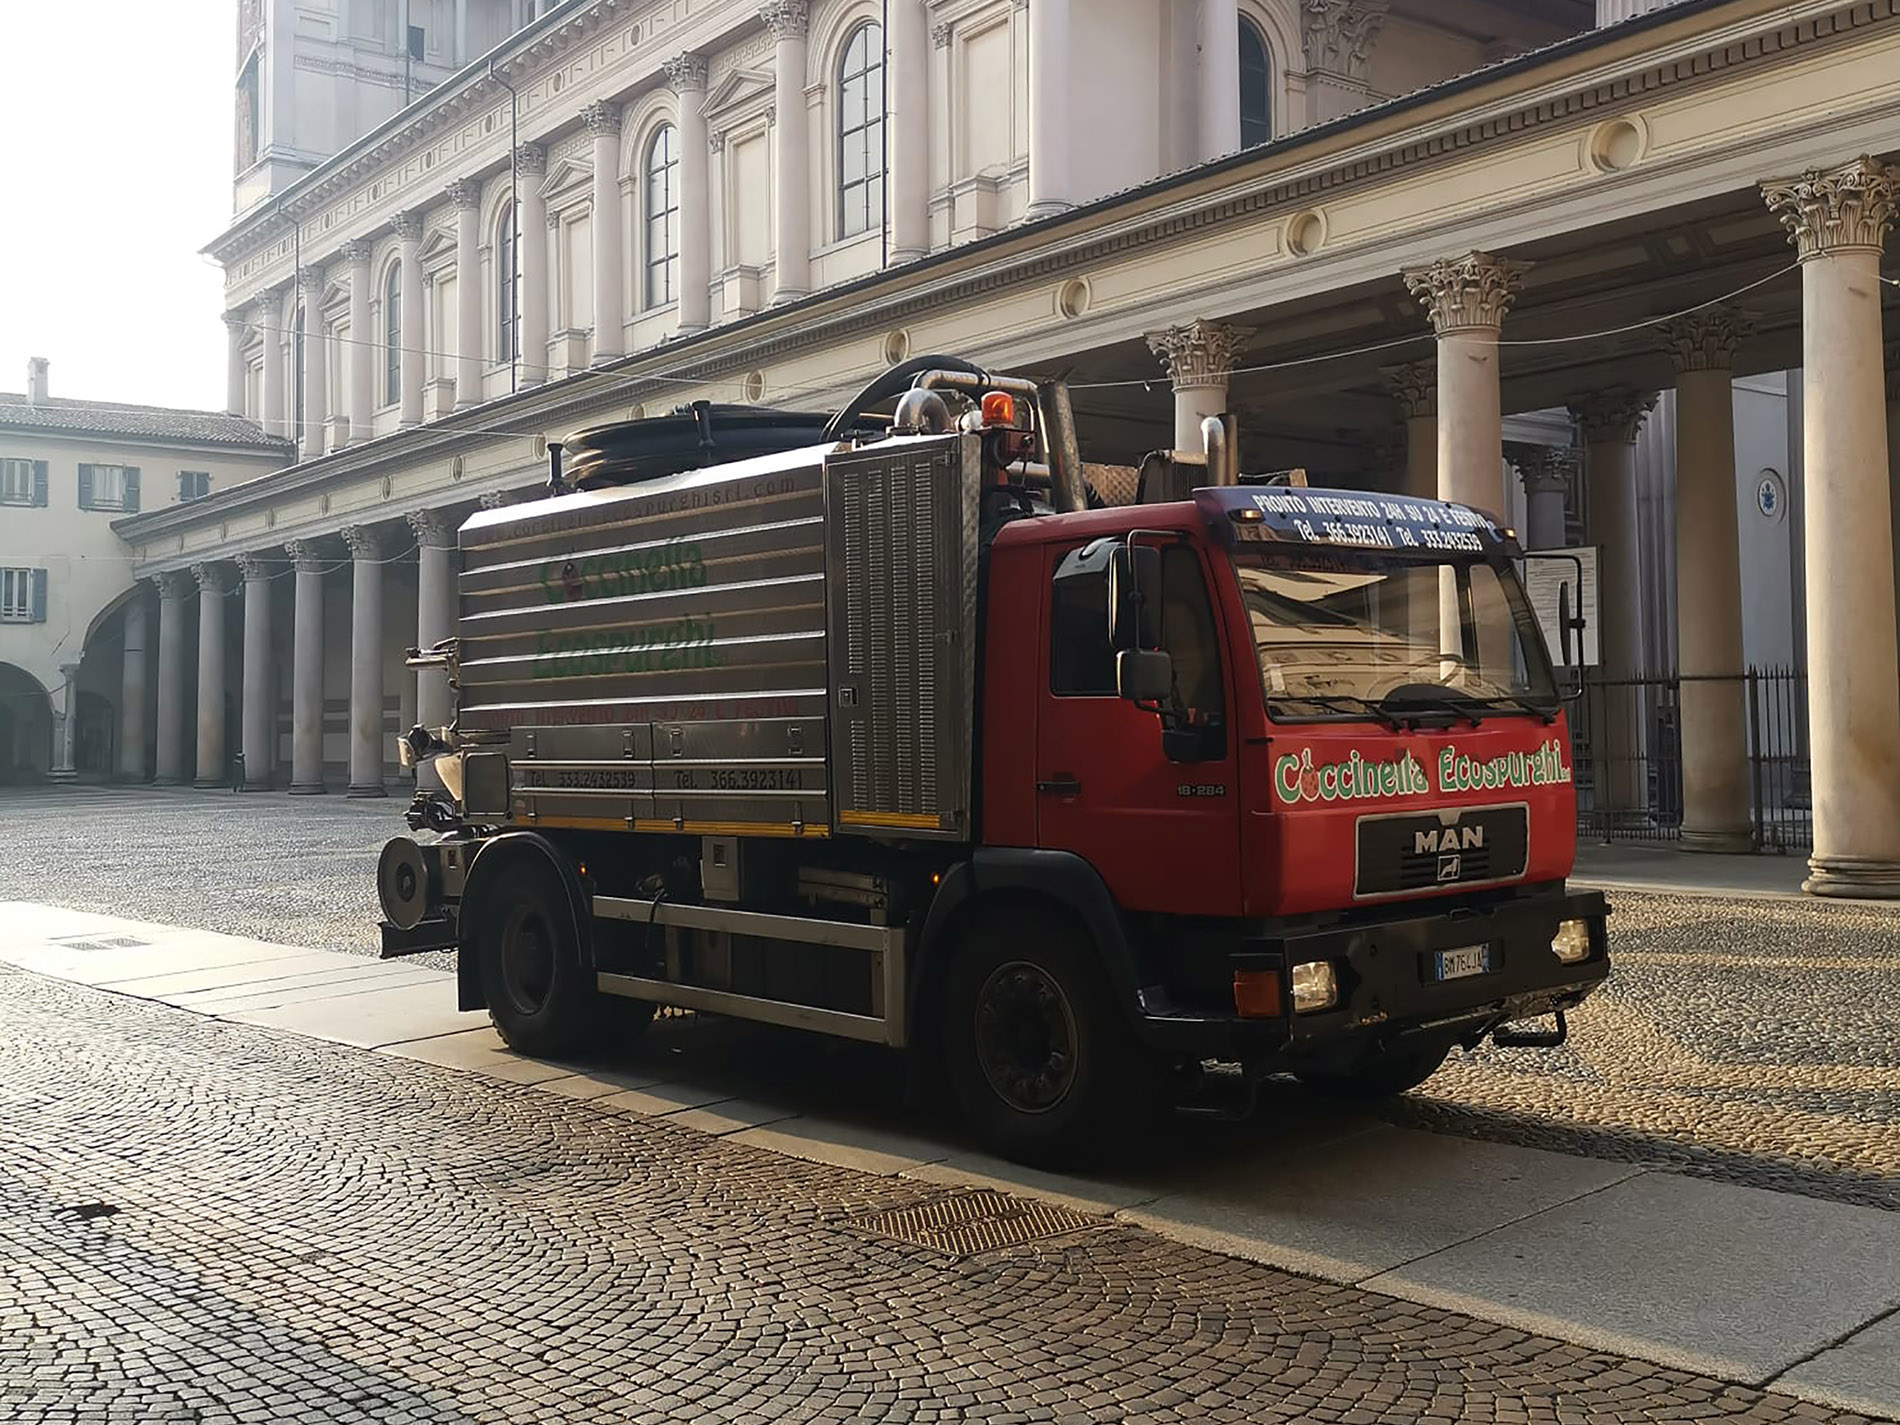 camion spurghi novara 2